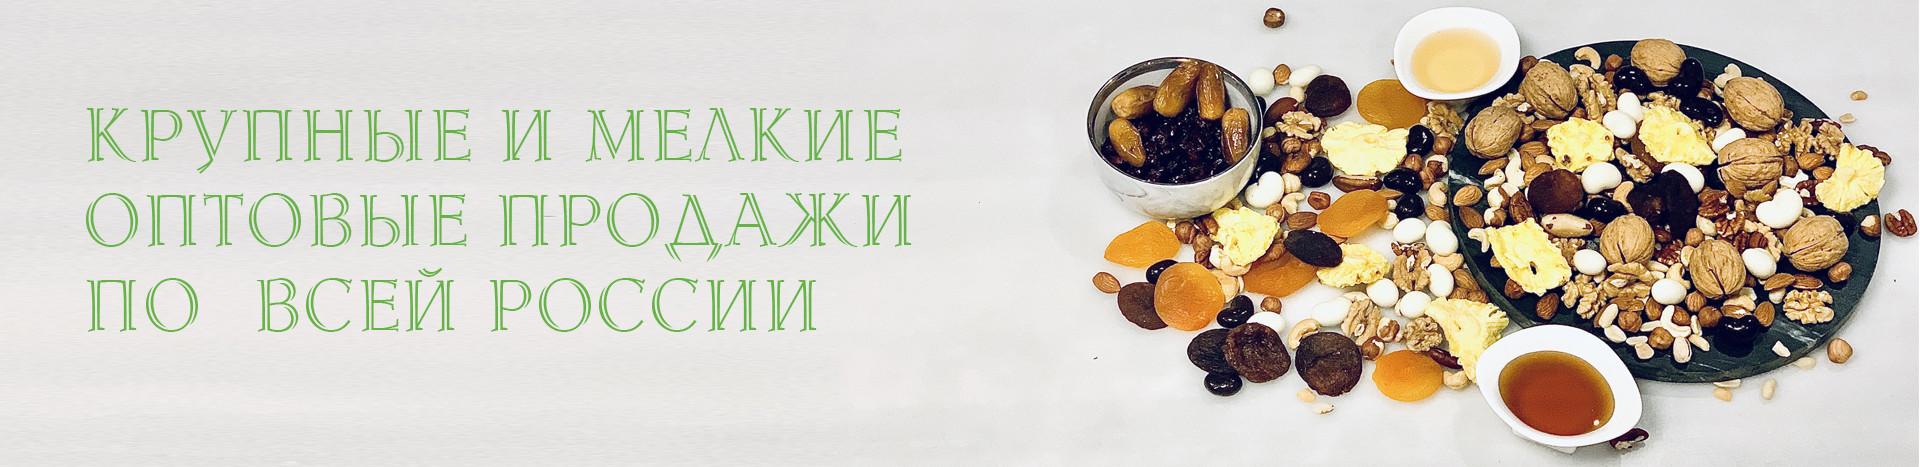 ИНТЕРНЕТ-МАГАЗИН Орехов и Сухофруктов